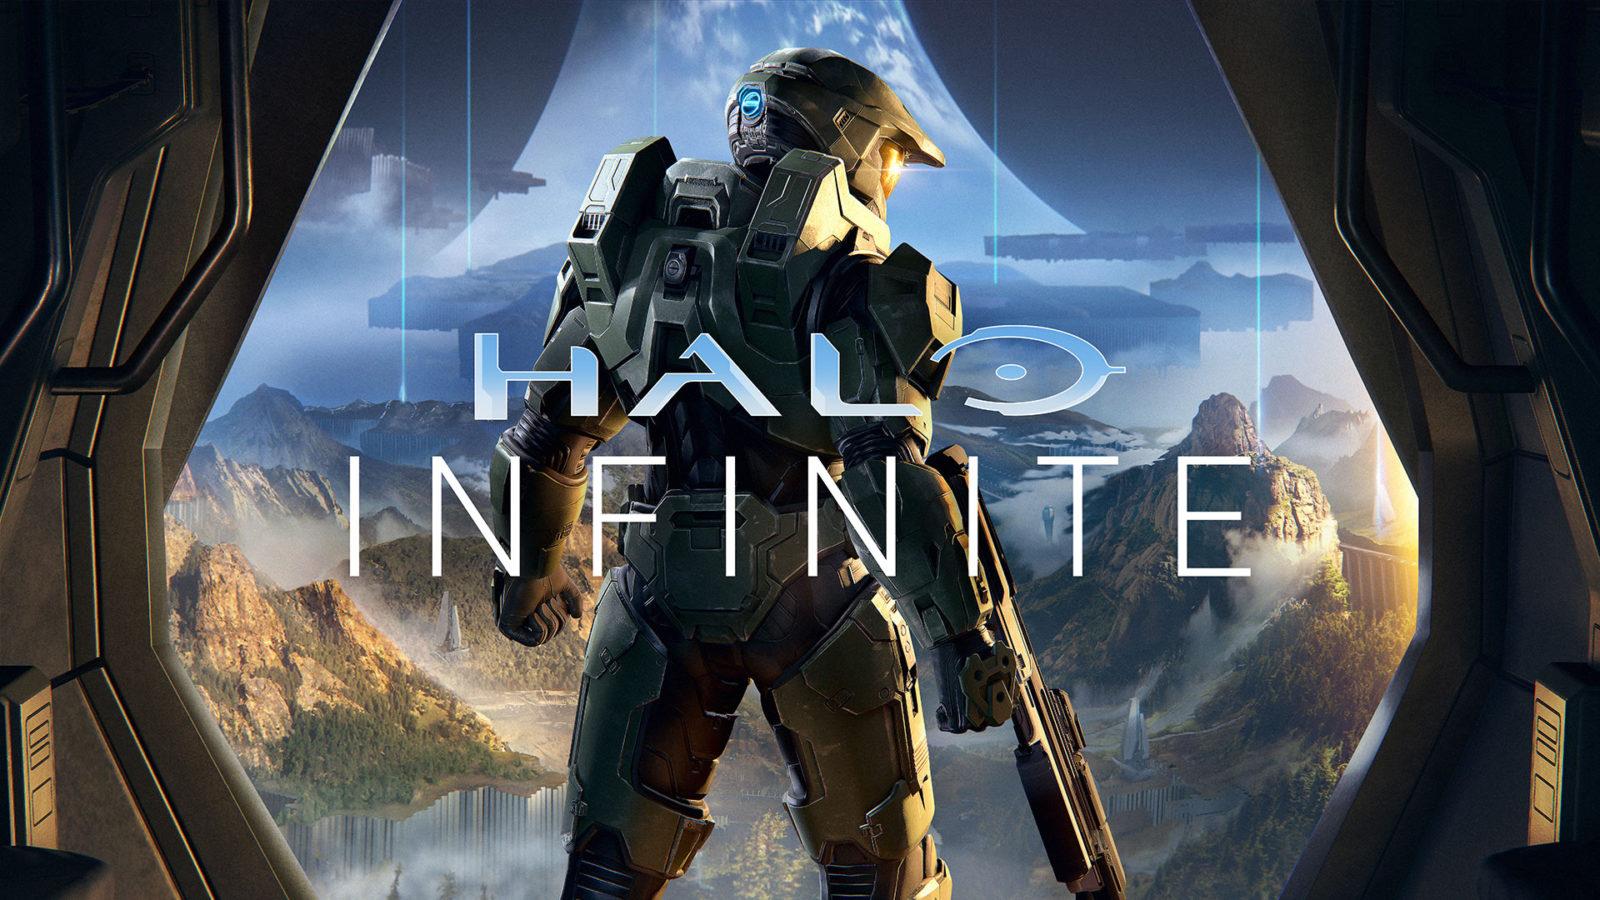 تصویر از تصمیم مایکروسافت مبنی بر تاخیر در انتشار بازی Halo Infinite